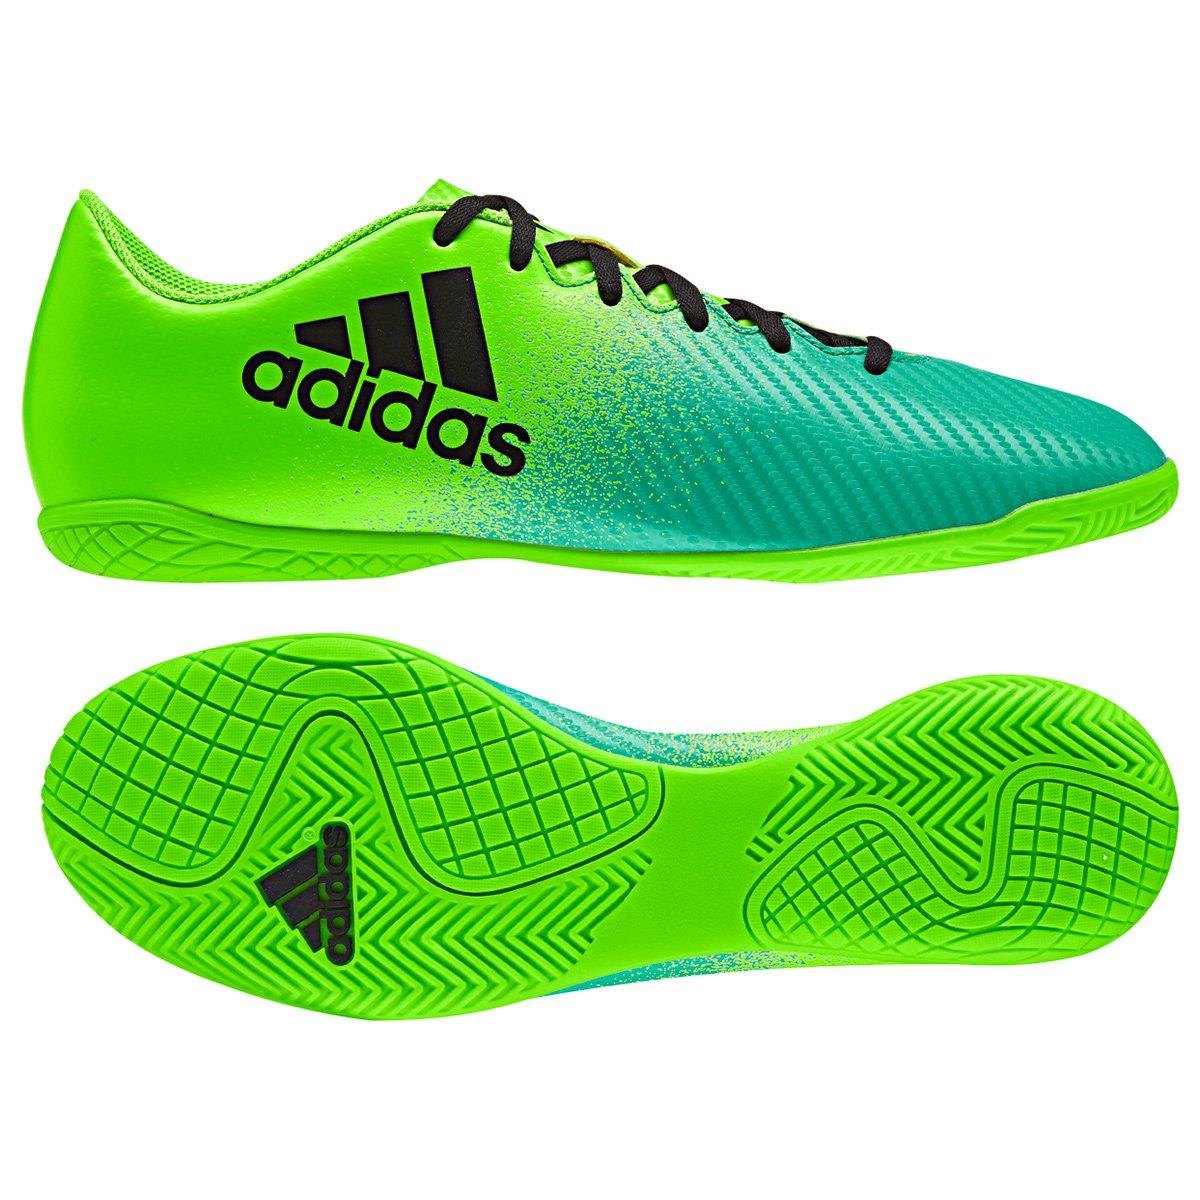 af120595d46b5 Chuteira Futsal Adidas X 16.4 IN - Compre Agora